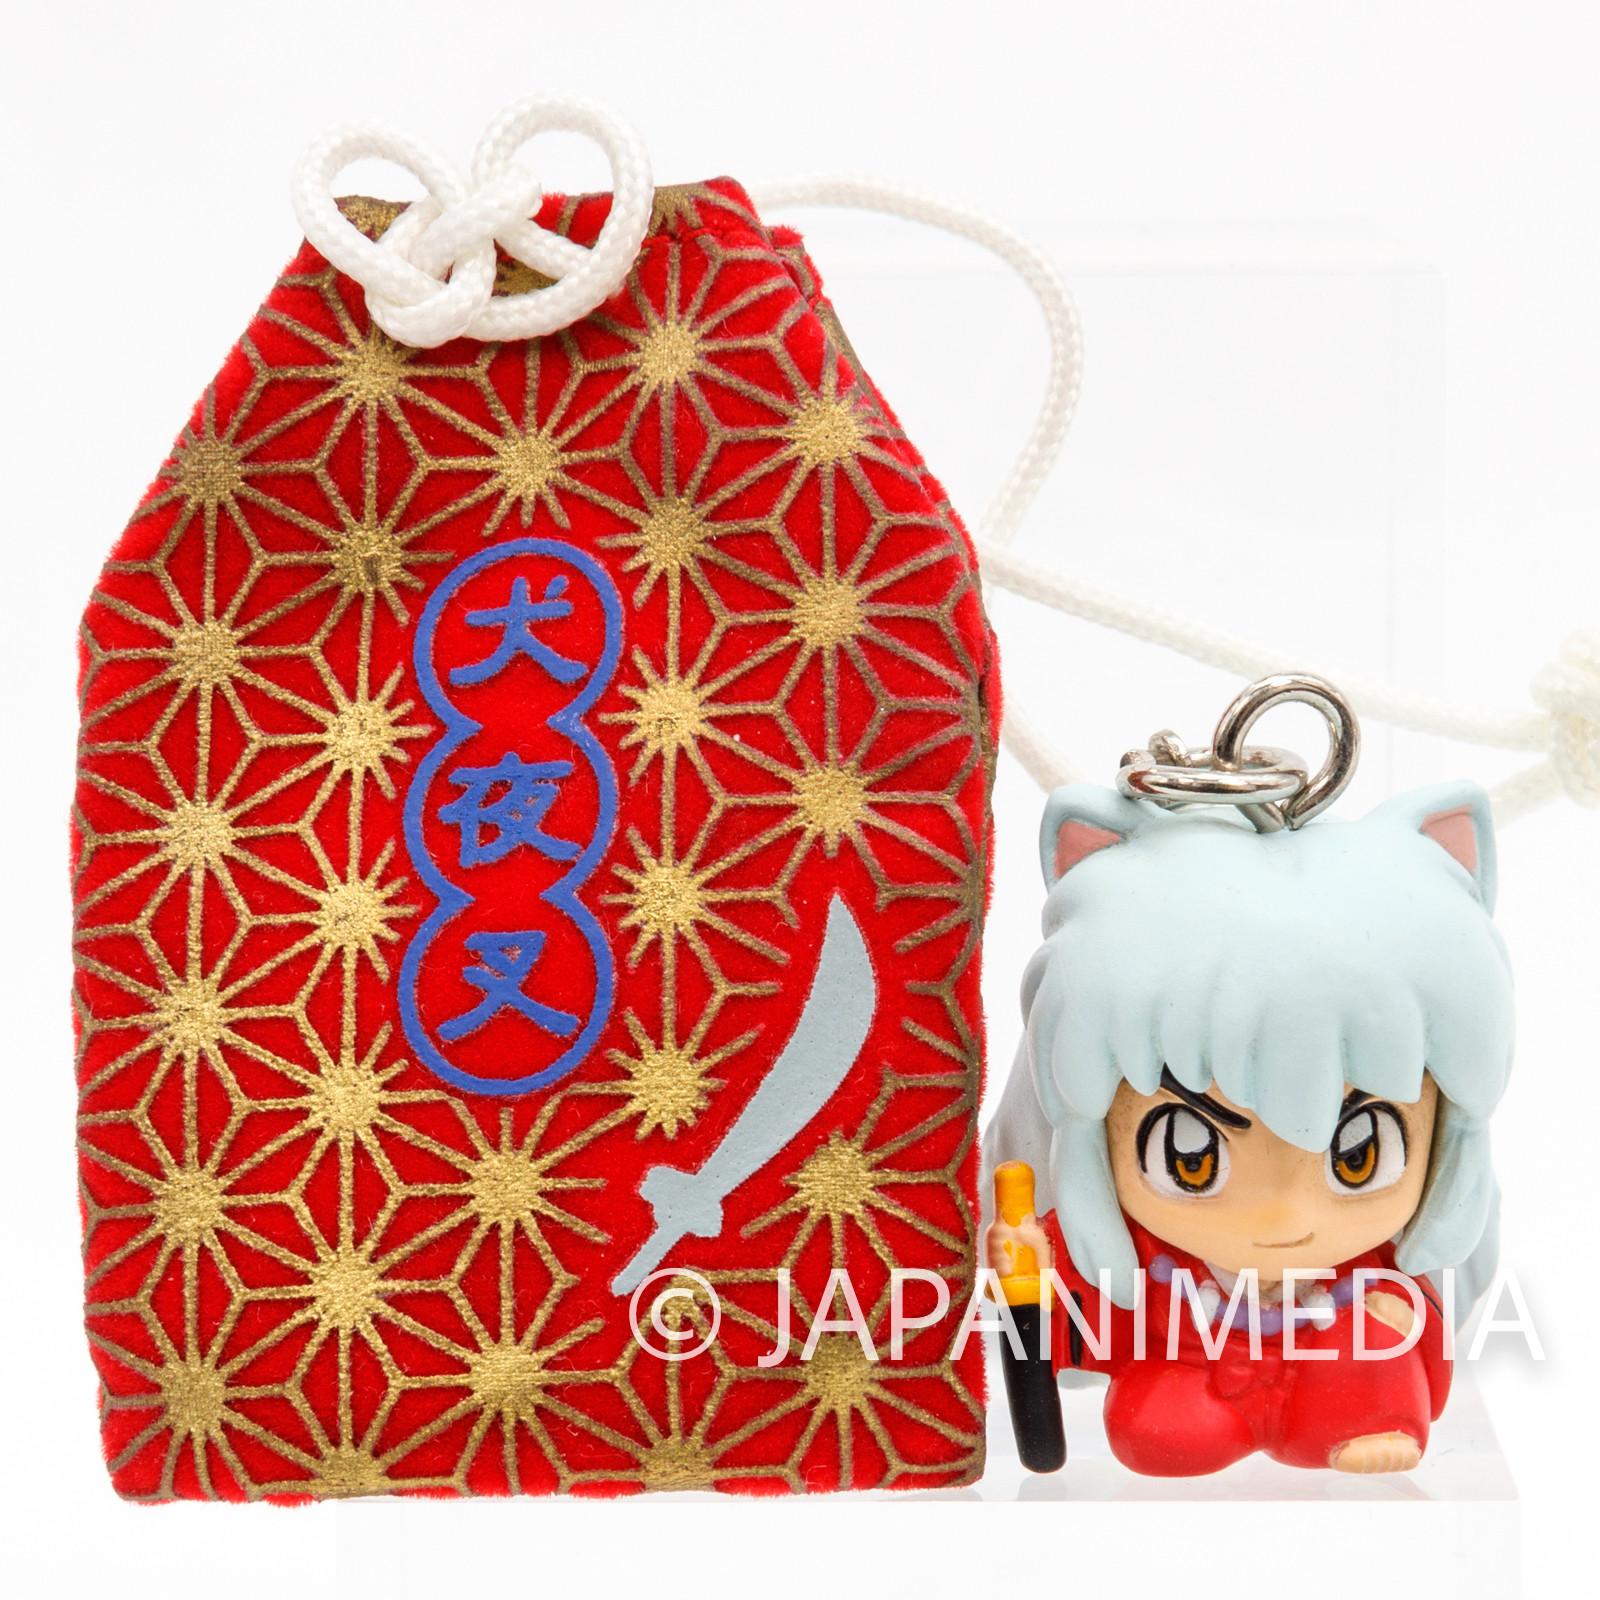 InuYasha Mini Figure & Talisman Omamori JAPAN ANIME RUMIKO TAKAHASHI